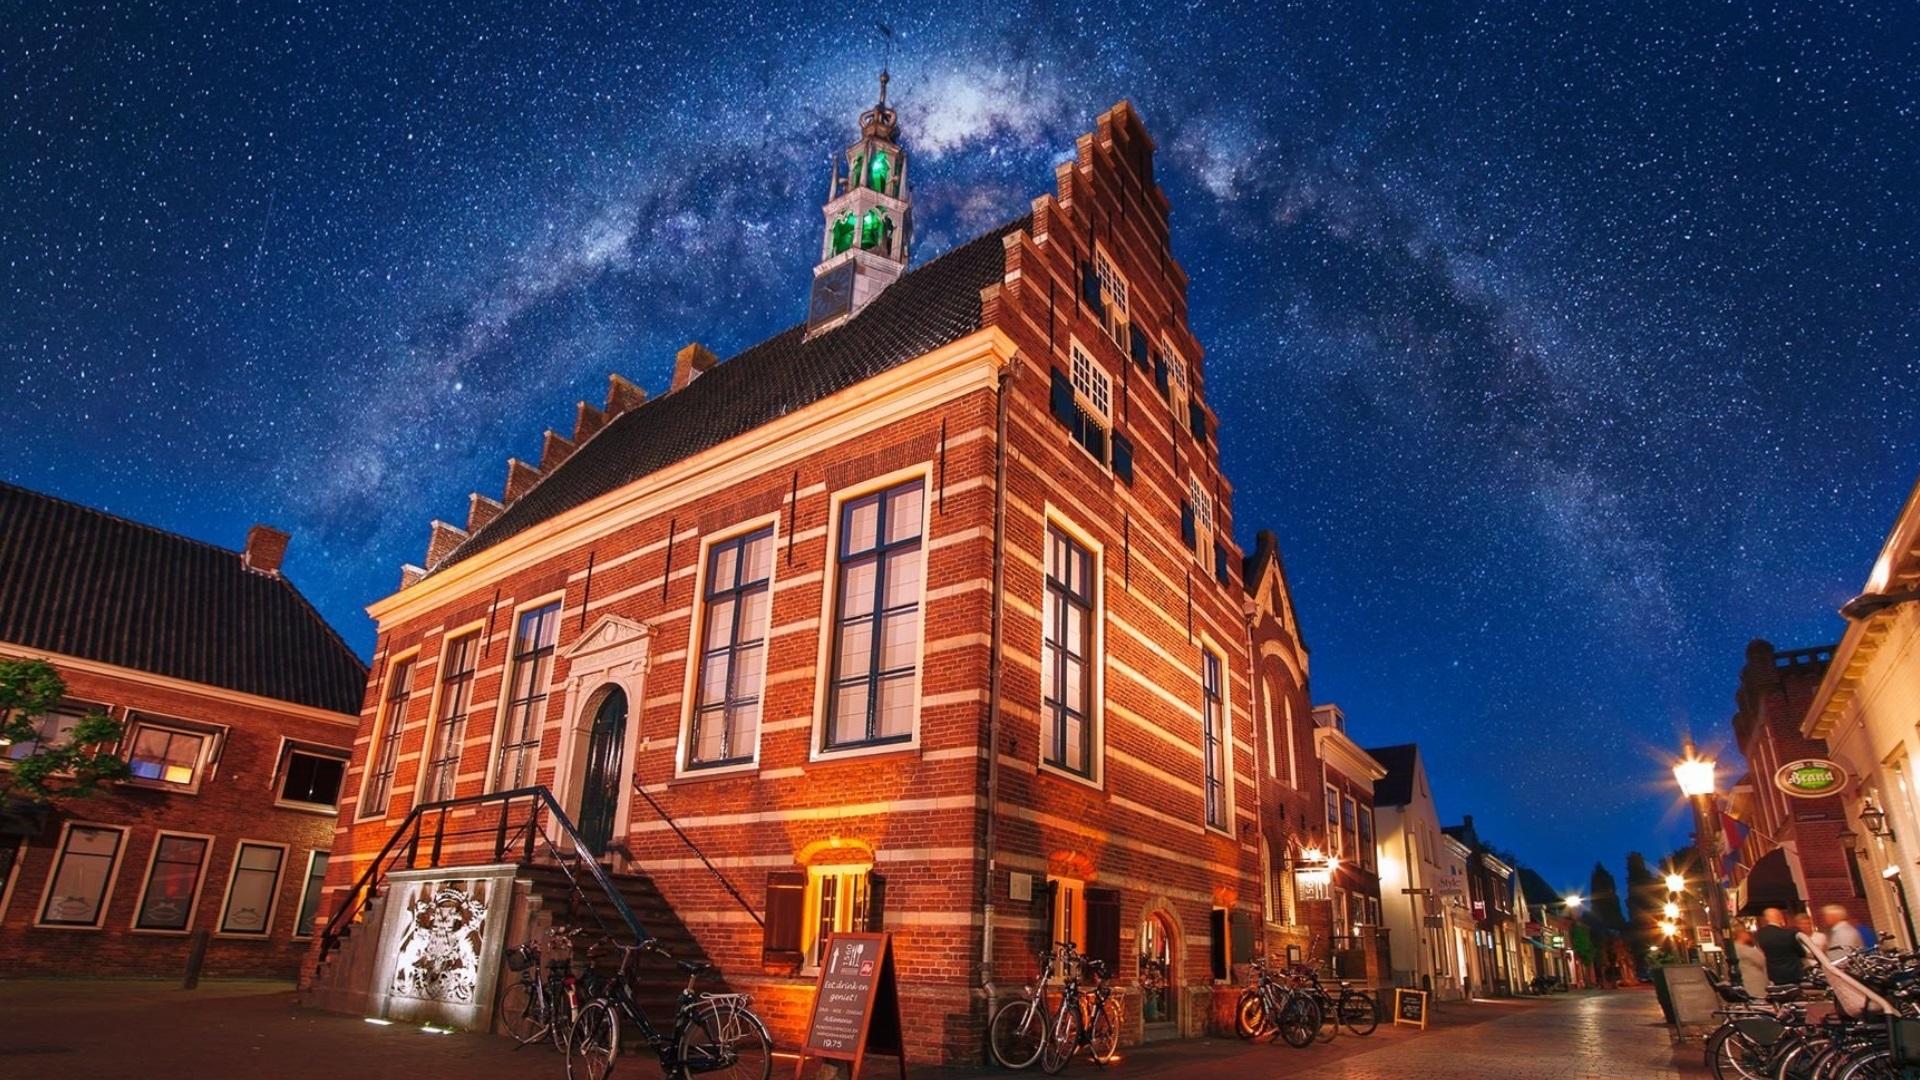 Historisch Stadhuis | Foto: Mohammad Bakhash